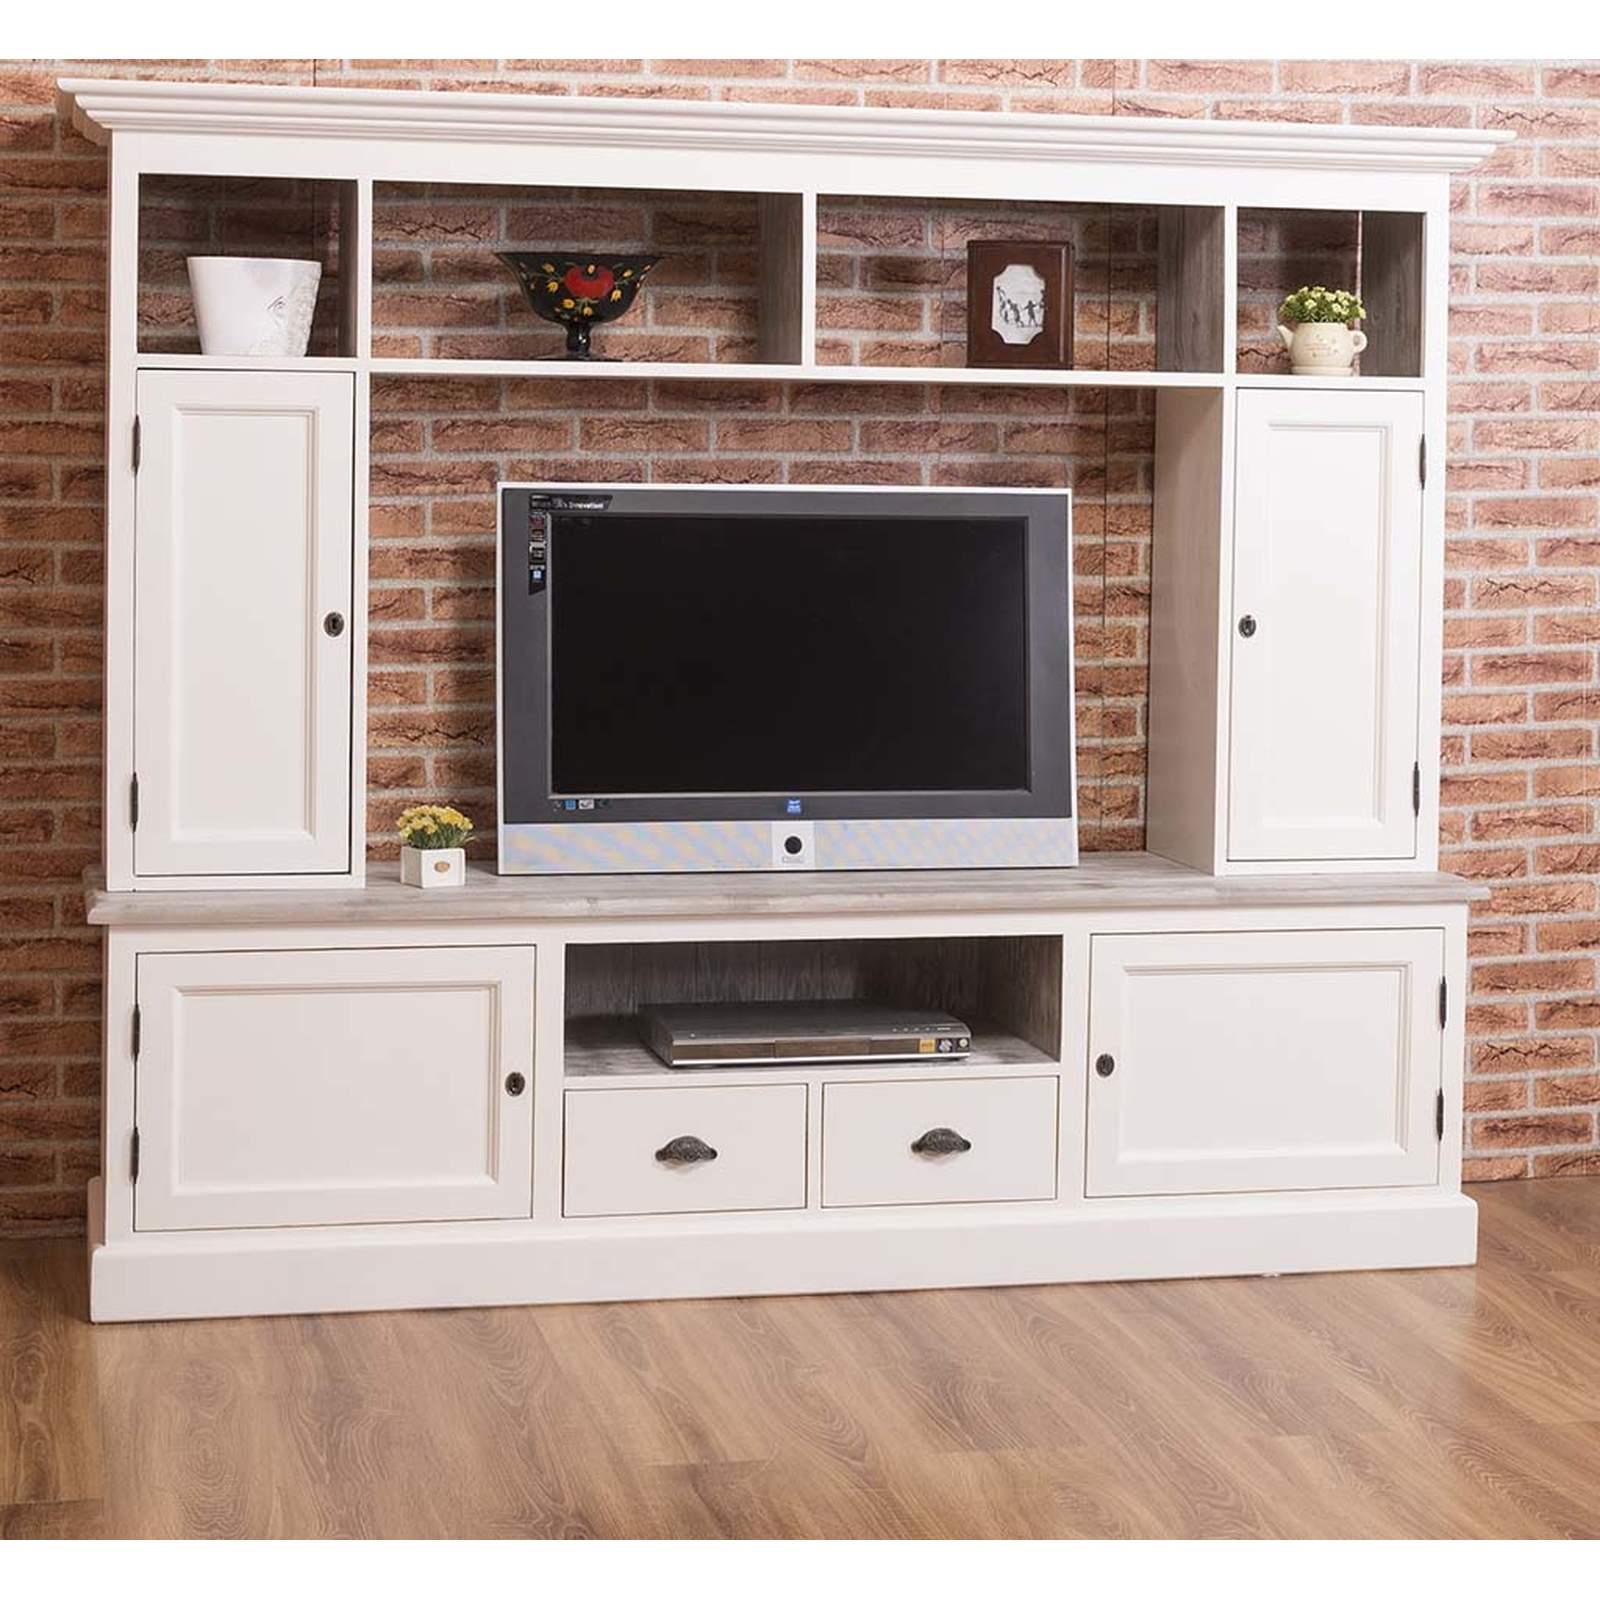 sideboard aufsatz f r tv. Black Bedroom Furniture Sets. Home Design Ideas